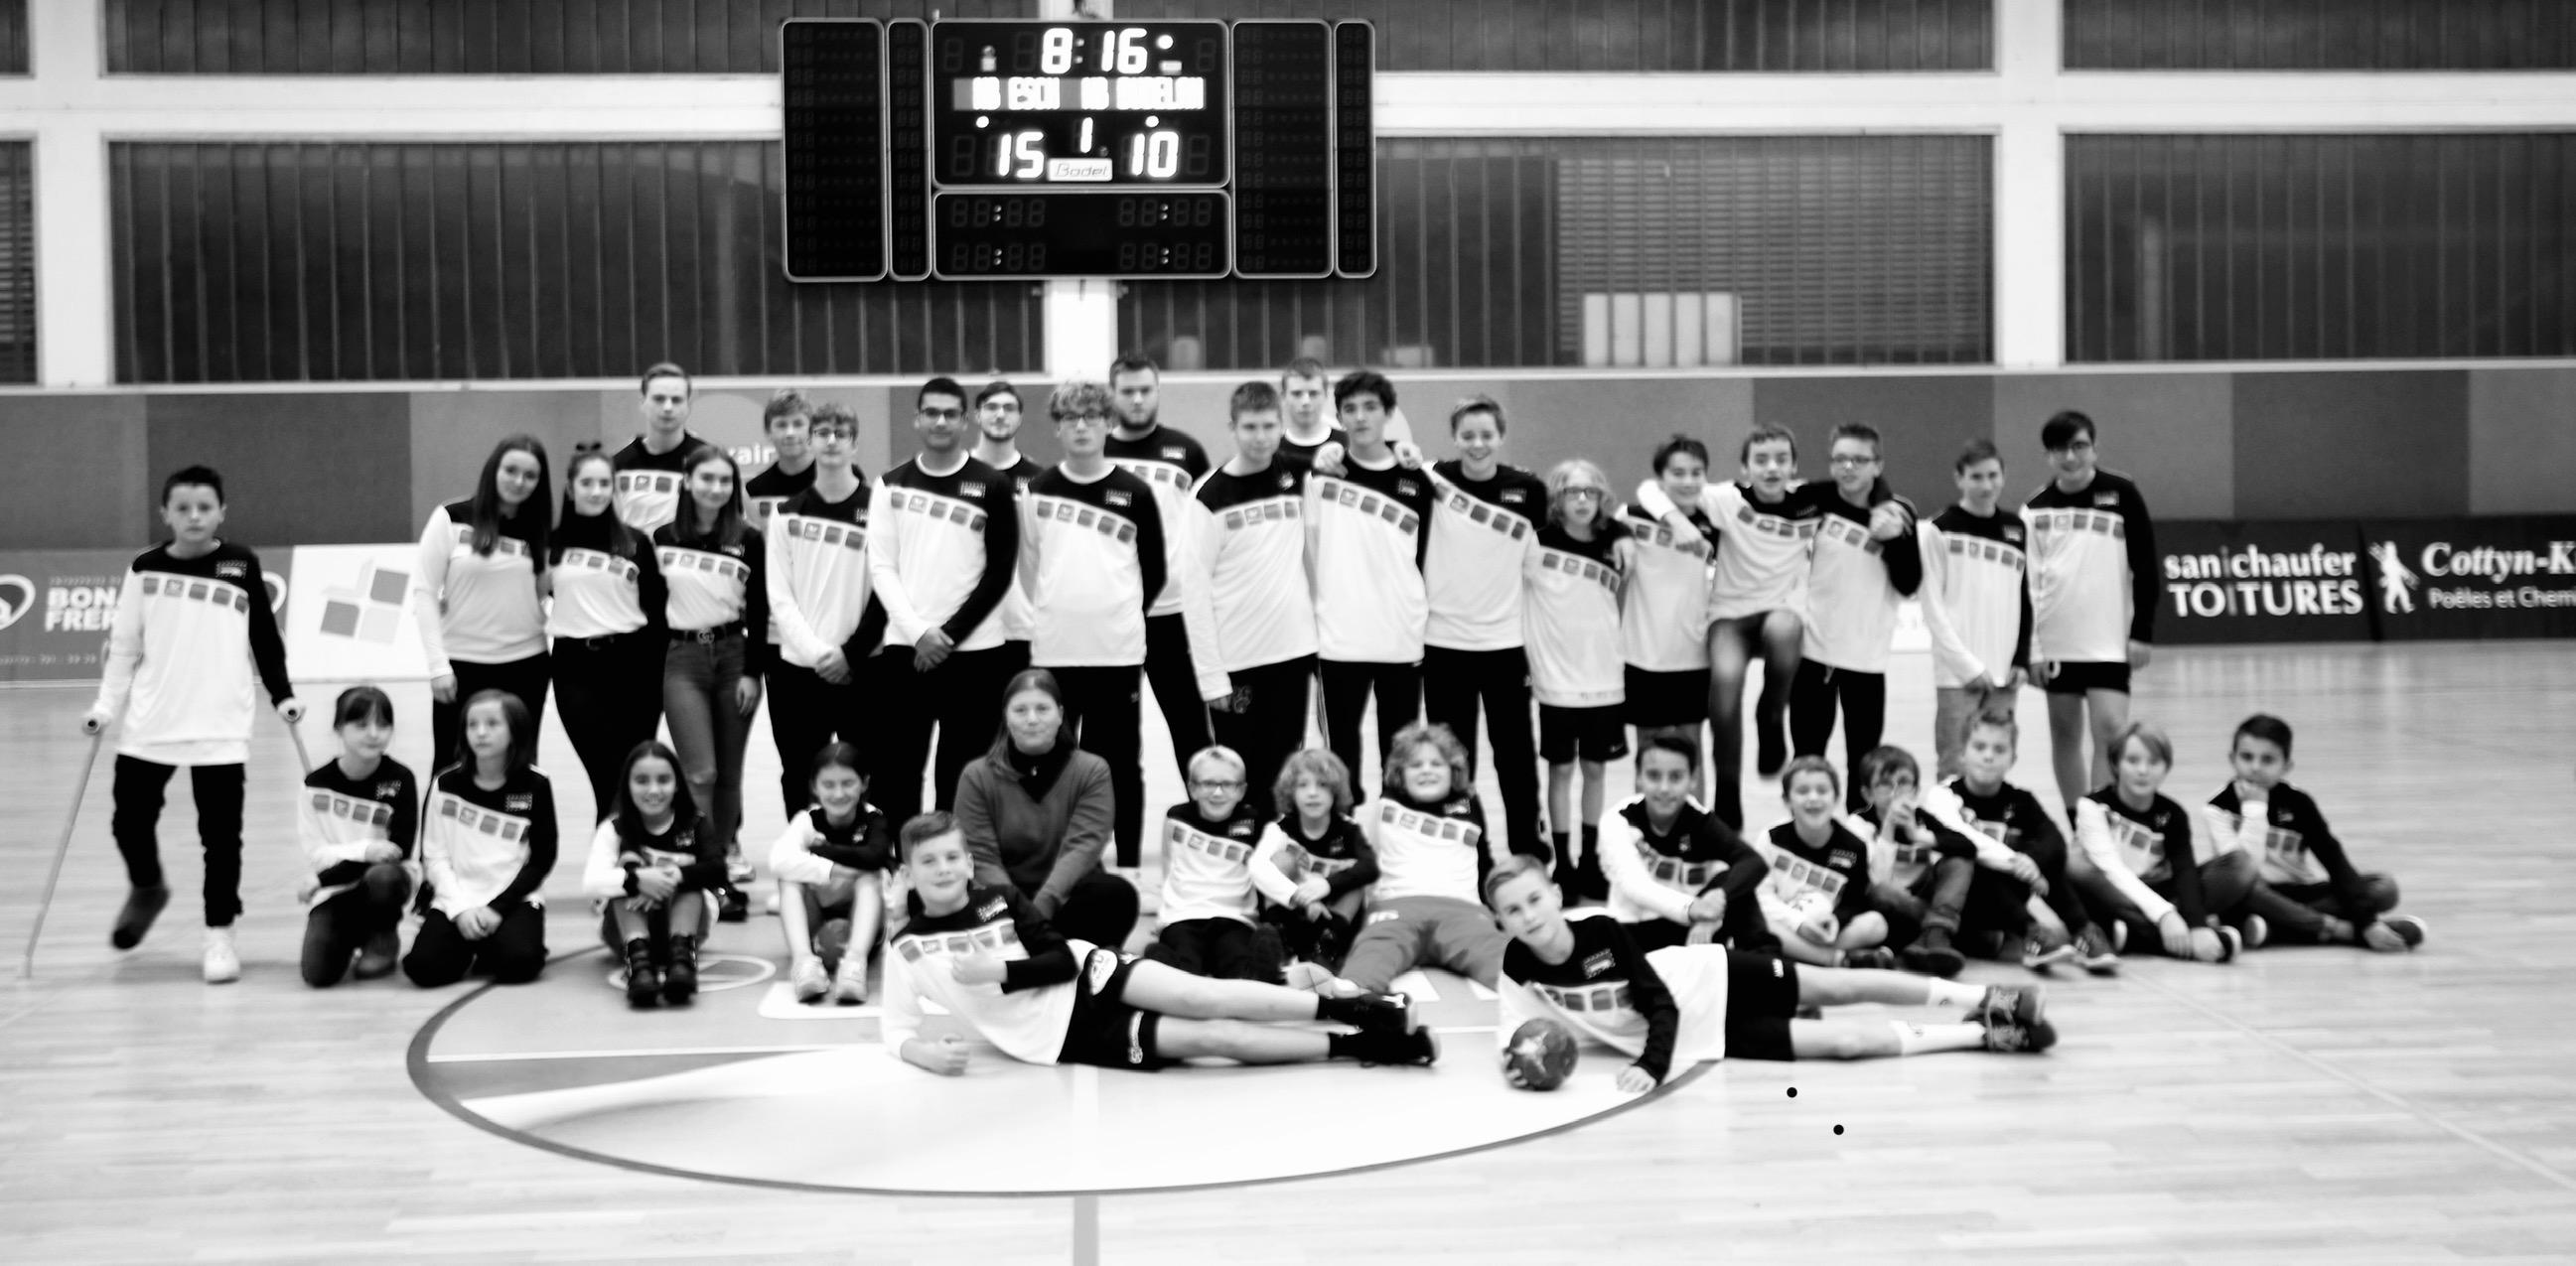 Eis Jugendequippen hunn dës Woch nach Championnatsmatcher!